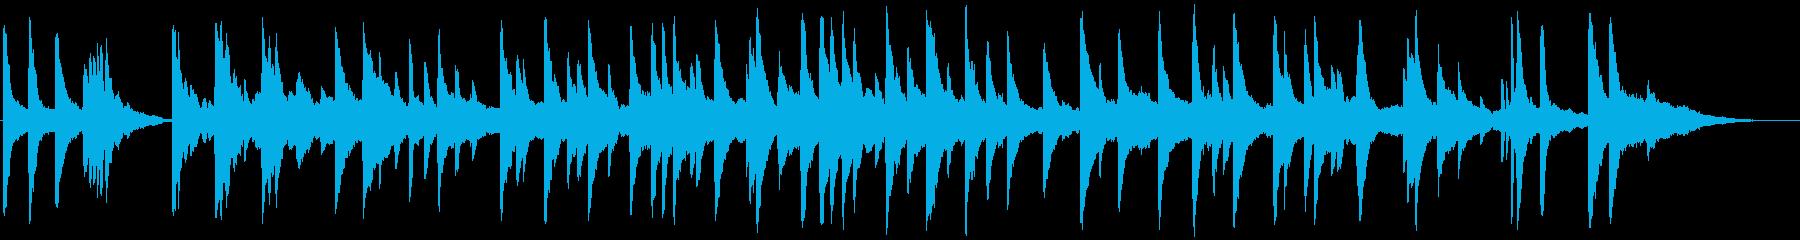 ゆったりとしたジャズ風イージーリスニングの再生済みの波形